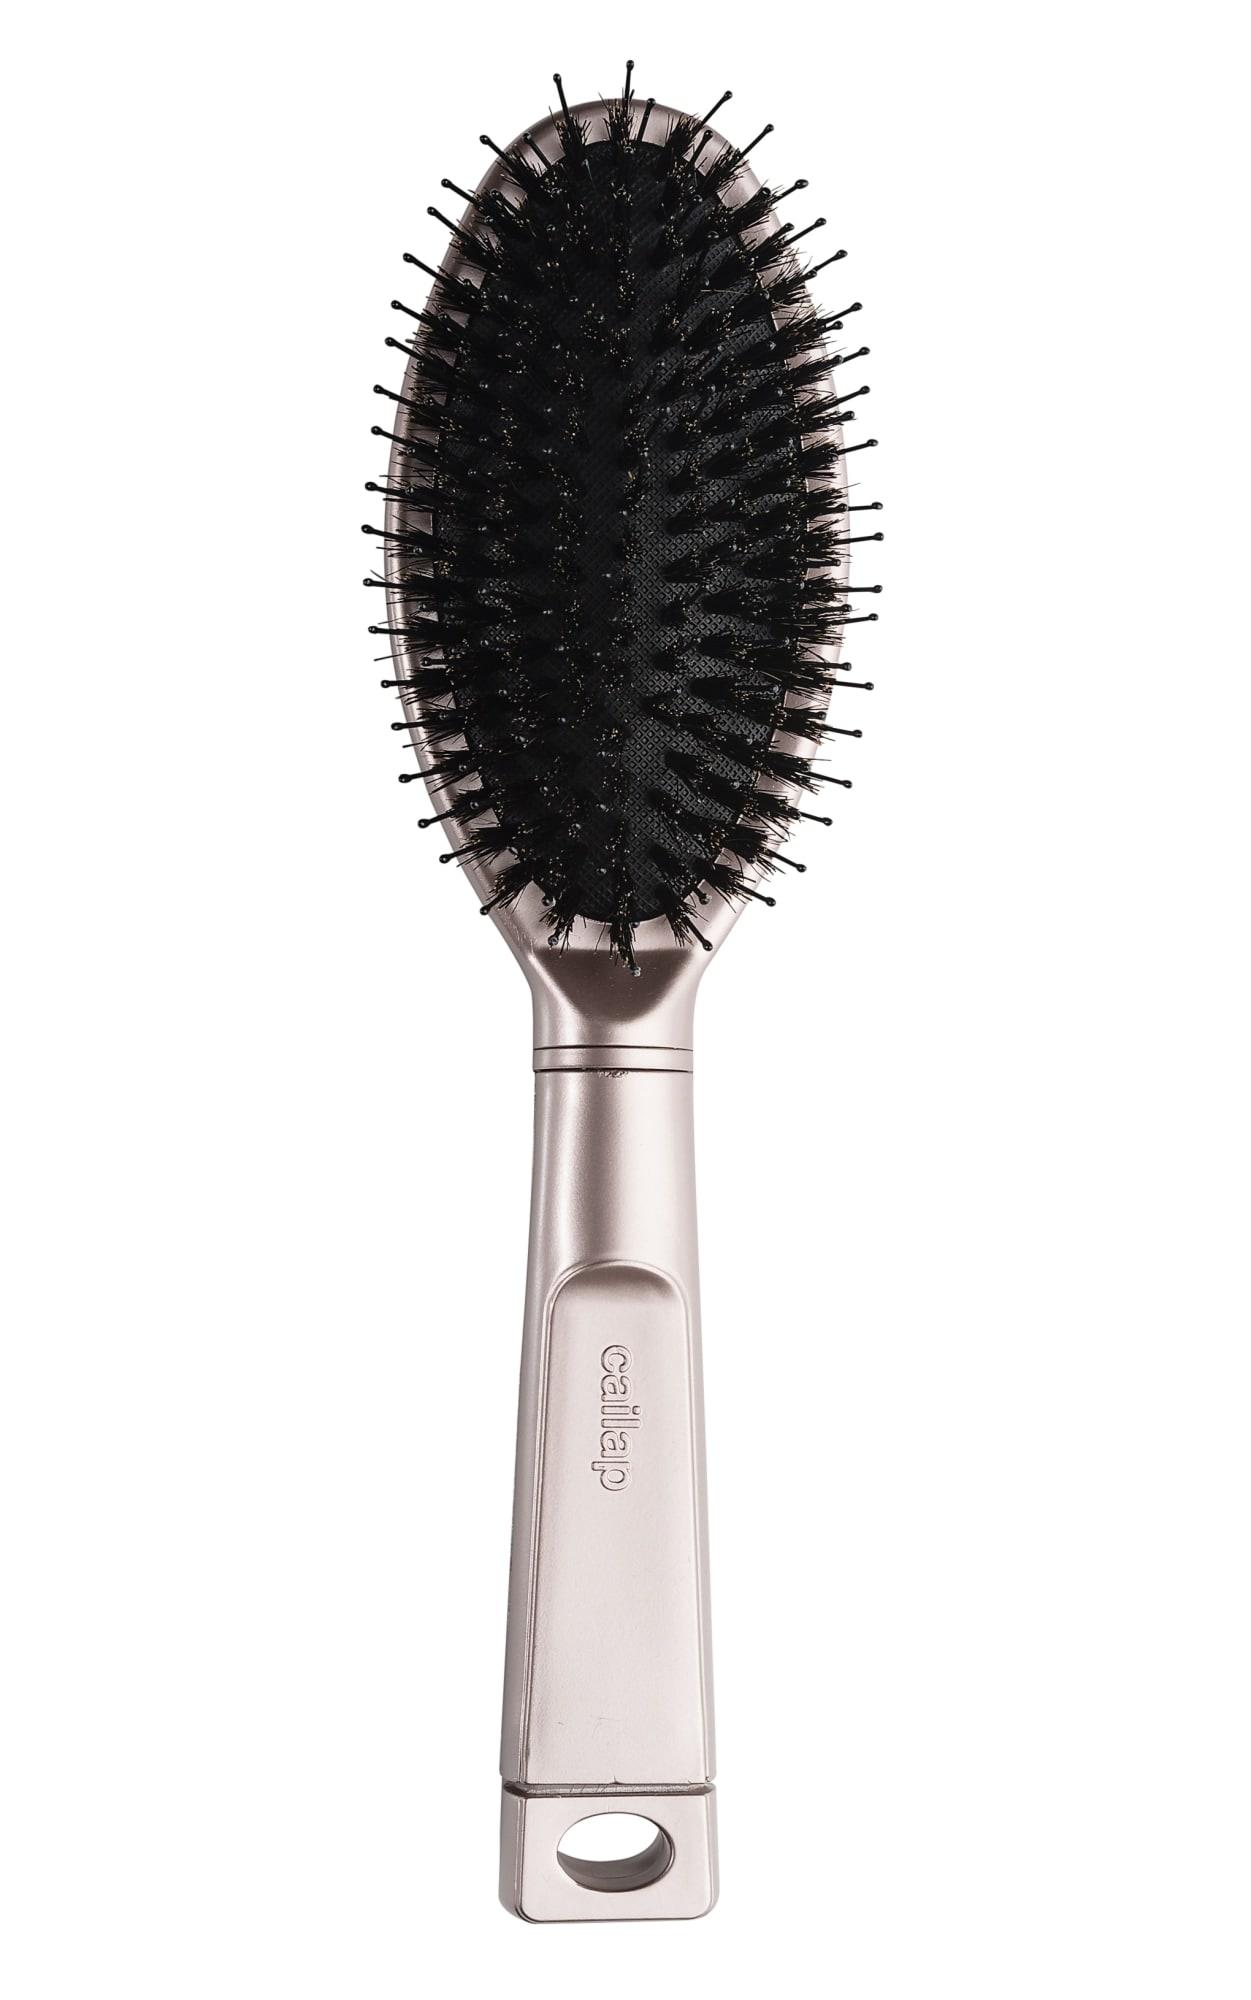 Laadukas oikea hiusharja omille hiuksille